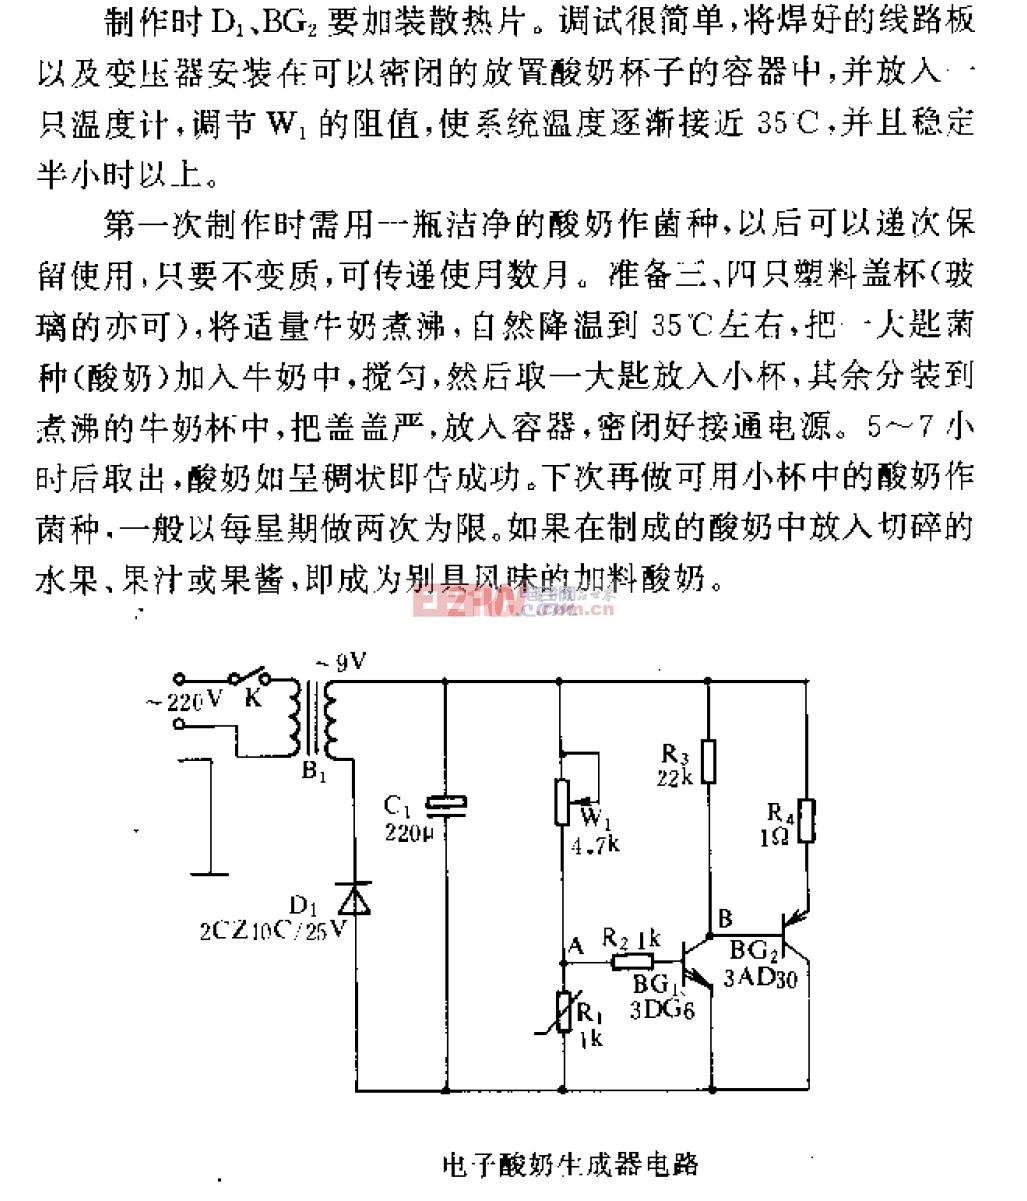 电子酸奶生成器电路.jpg